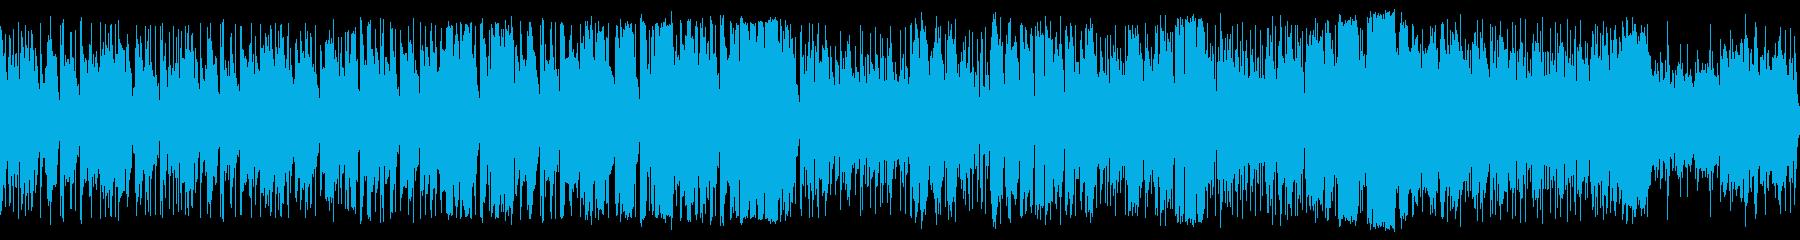 アップテンポ、笛主体の素朴なBGMループの再生済みの波形